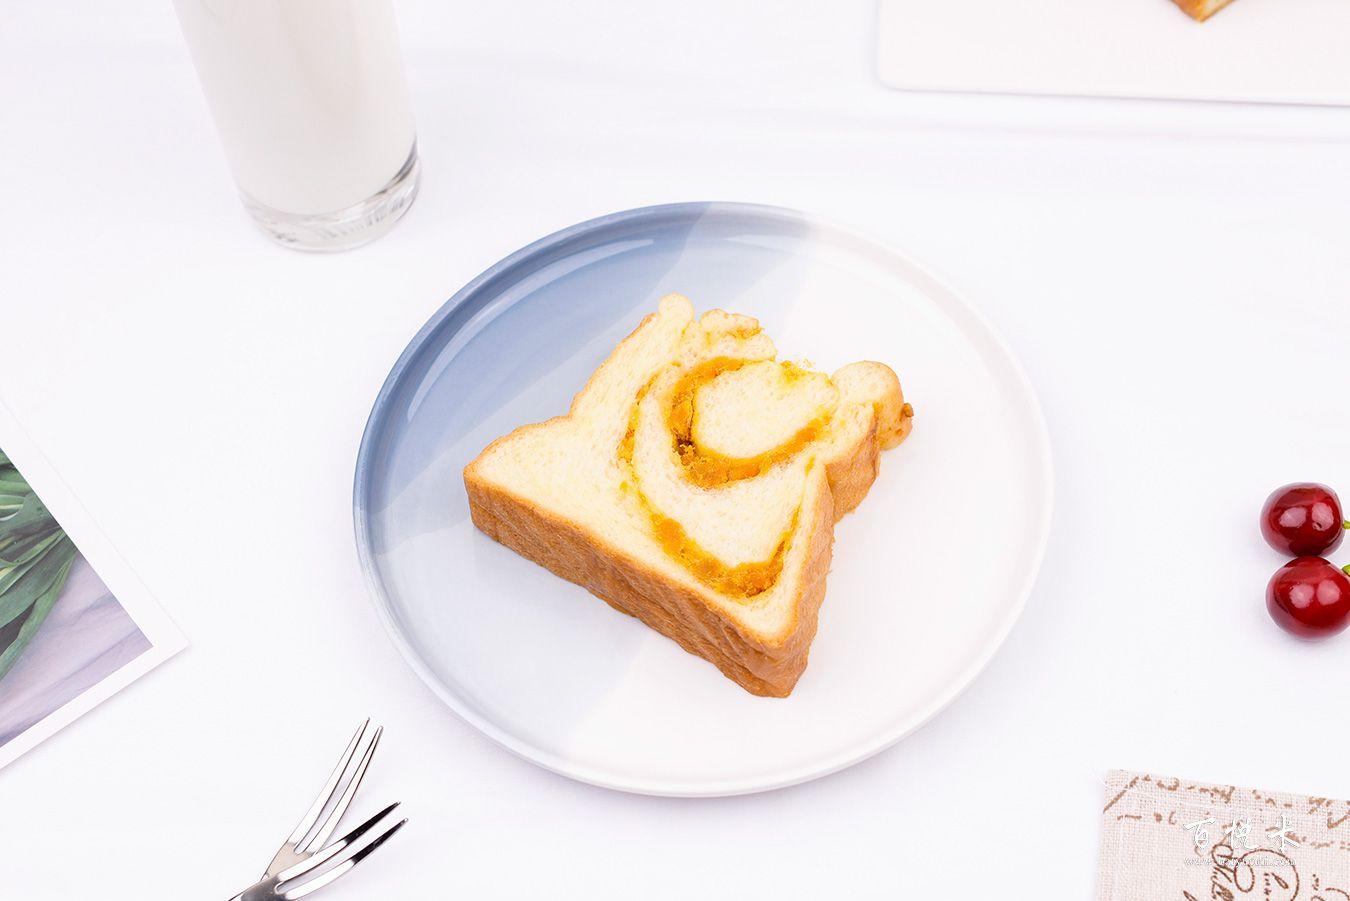 肉松吐司面包高清图片大全【蛋糕图片】_333